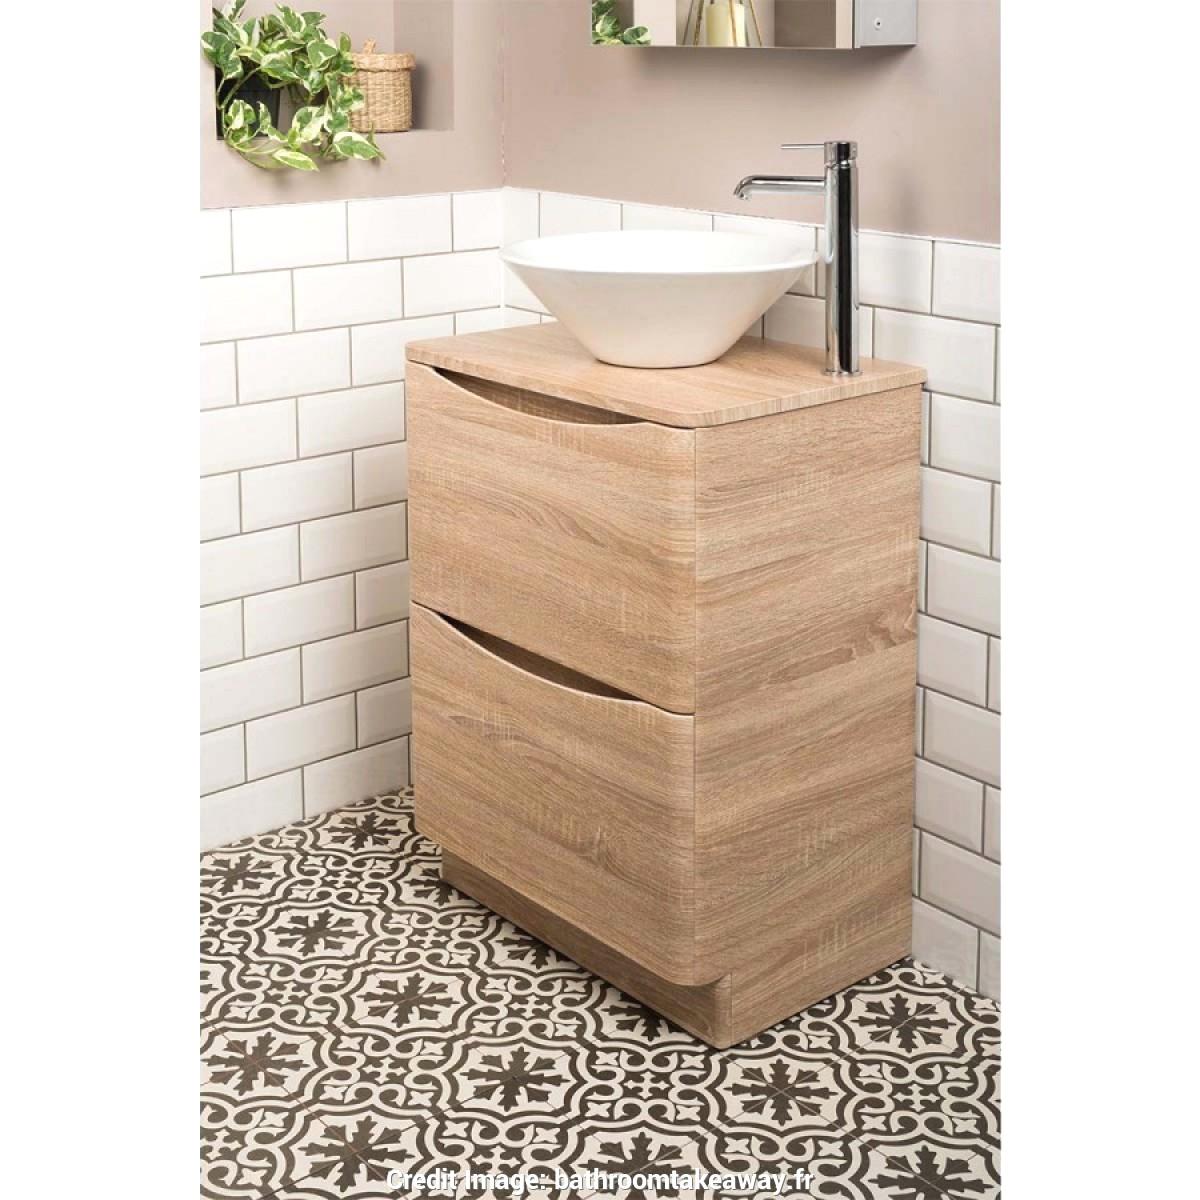 cr atif meuble sous lavabo salle de bain fly gistwonder avec beau vasque osaka 3635 et 11 1200x1200px on belle maison design tarzx pic a273y2 2